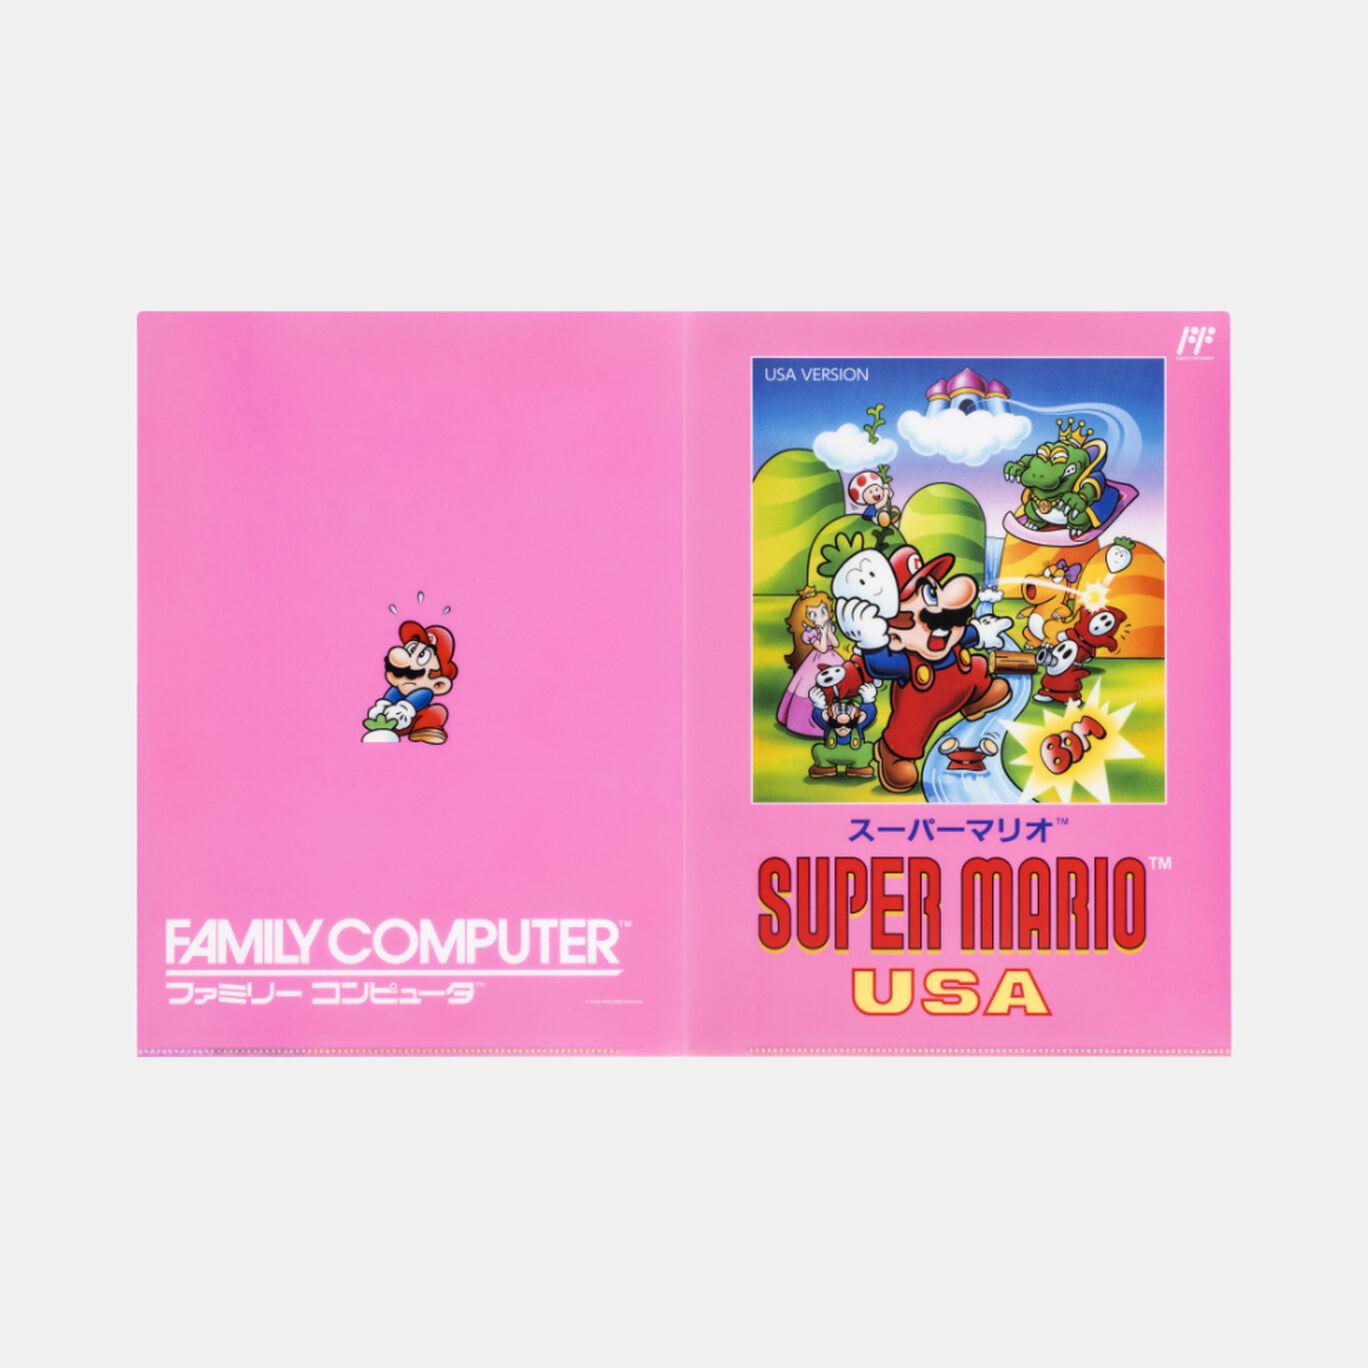 クリアファイル ダブルポケット スーパーマリオUSA【Nintendo TOKYO取り扱い商品】